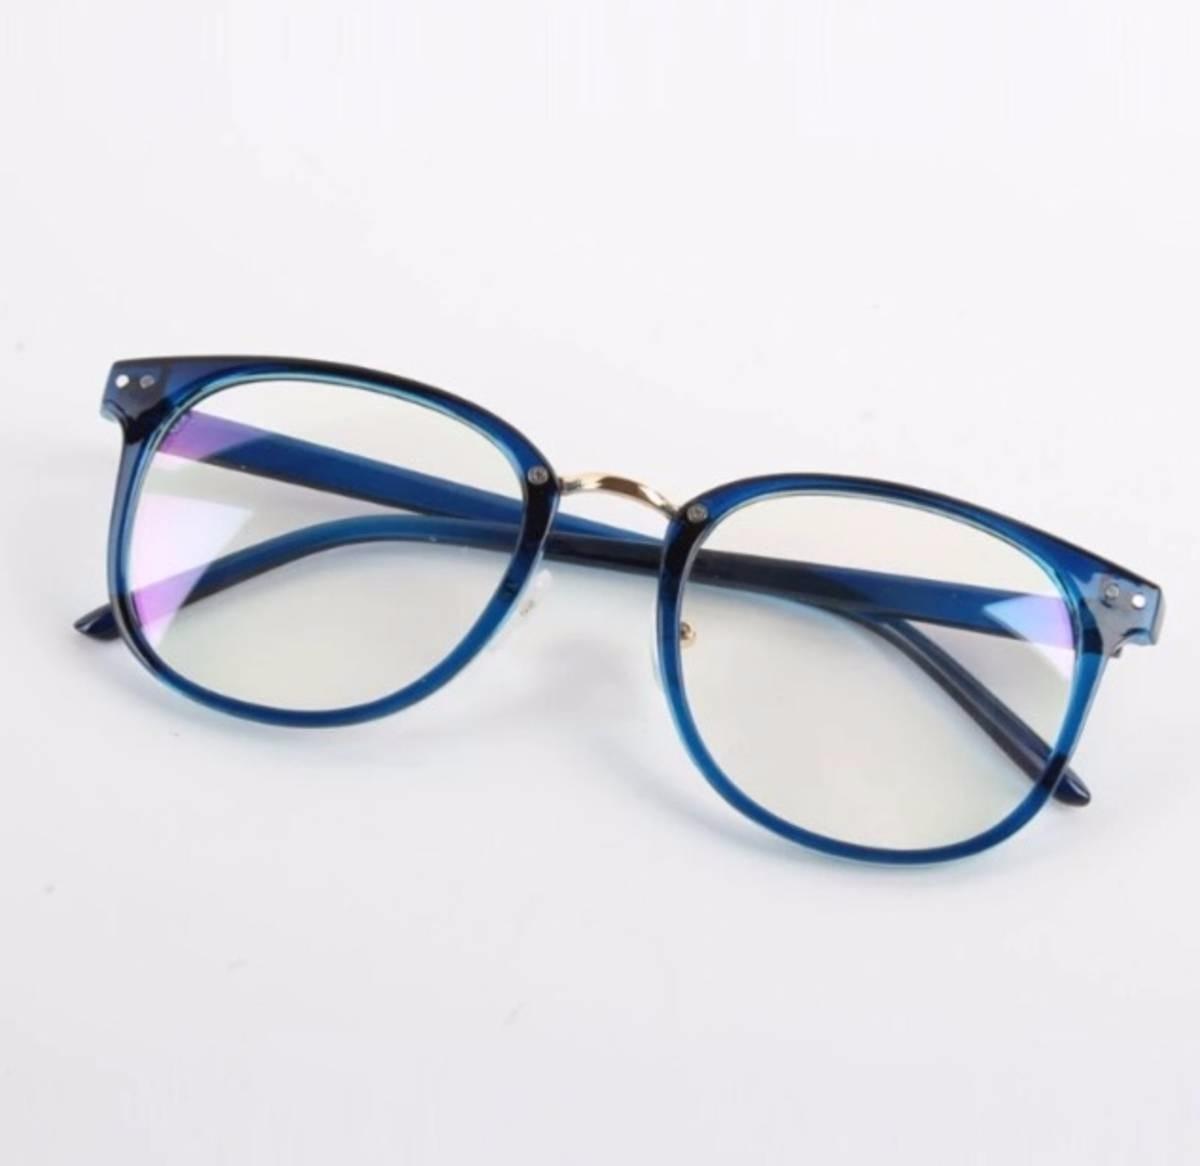 2c00ce103 Armação Óculos De Grau Feminino Azul - R$ 45,90 em Mercado Livre